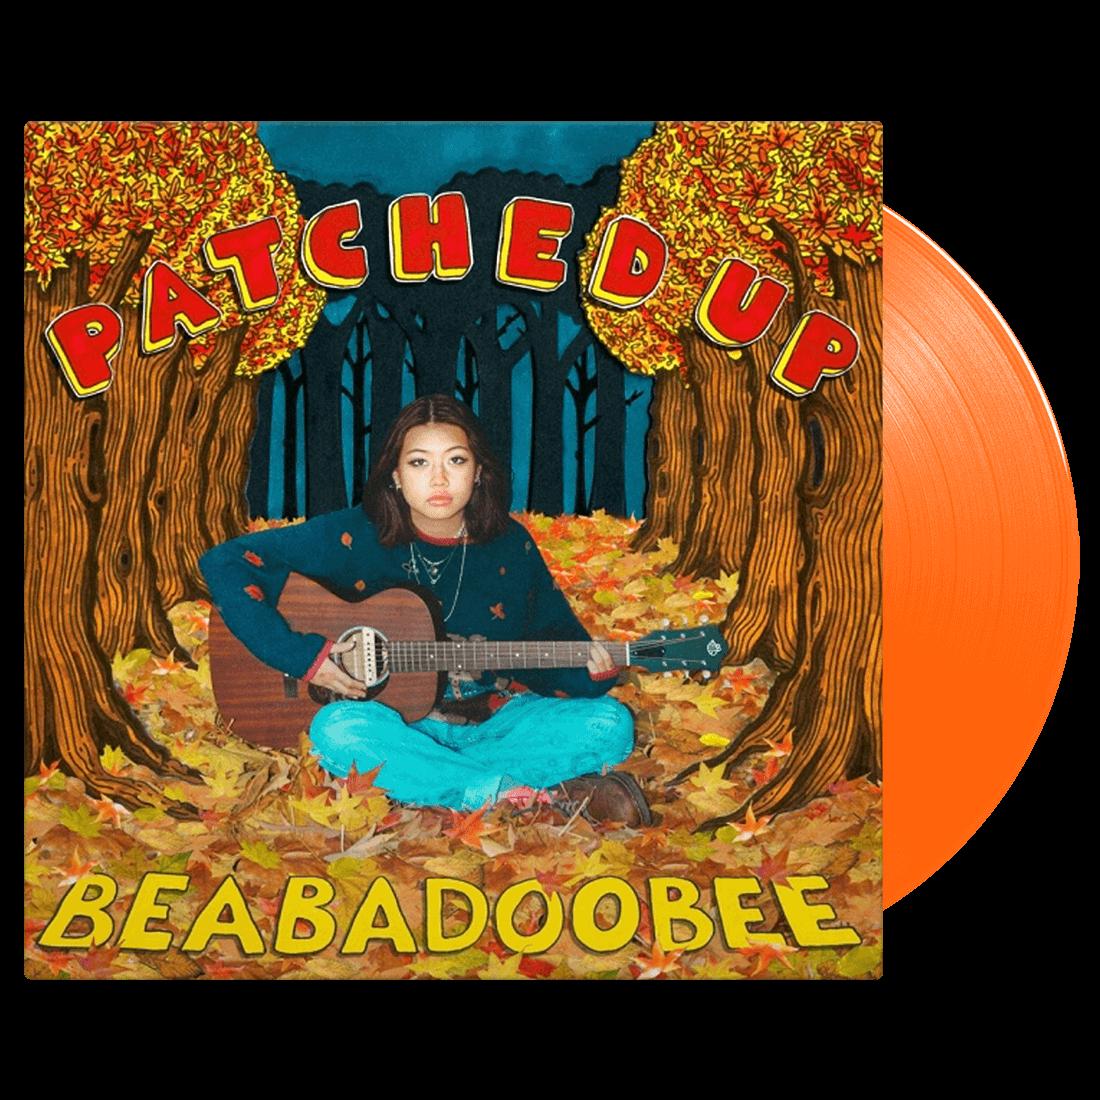 Beabadoobee: Patched Up Vinyl